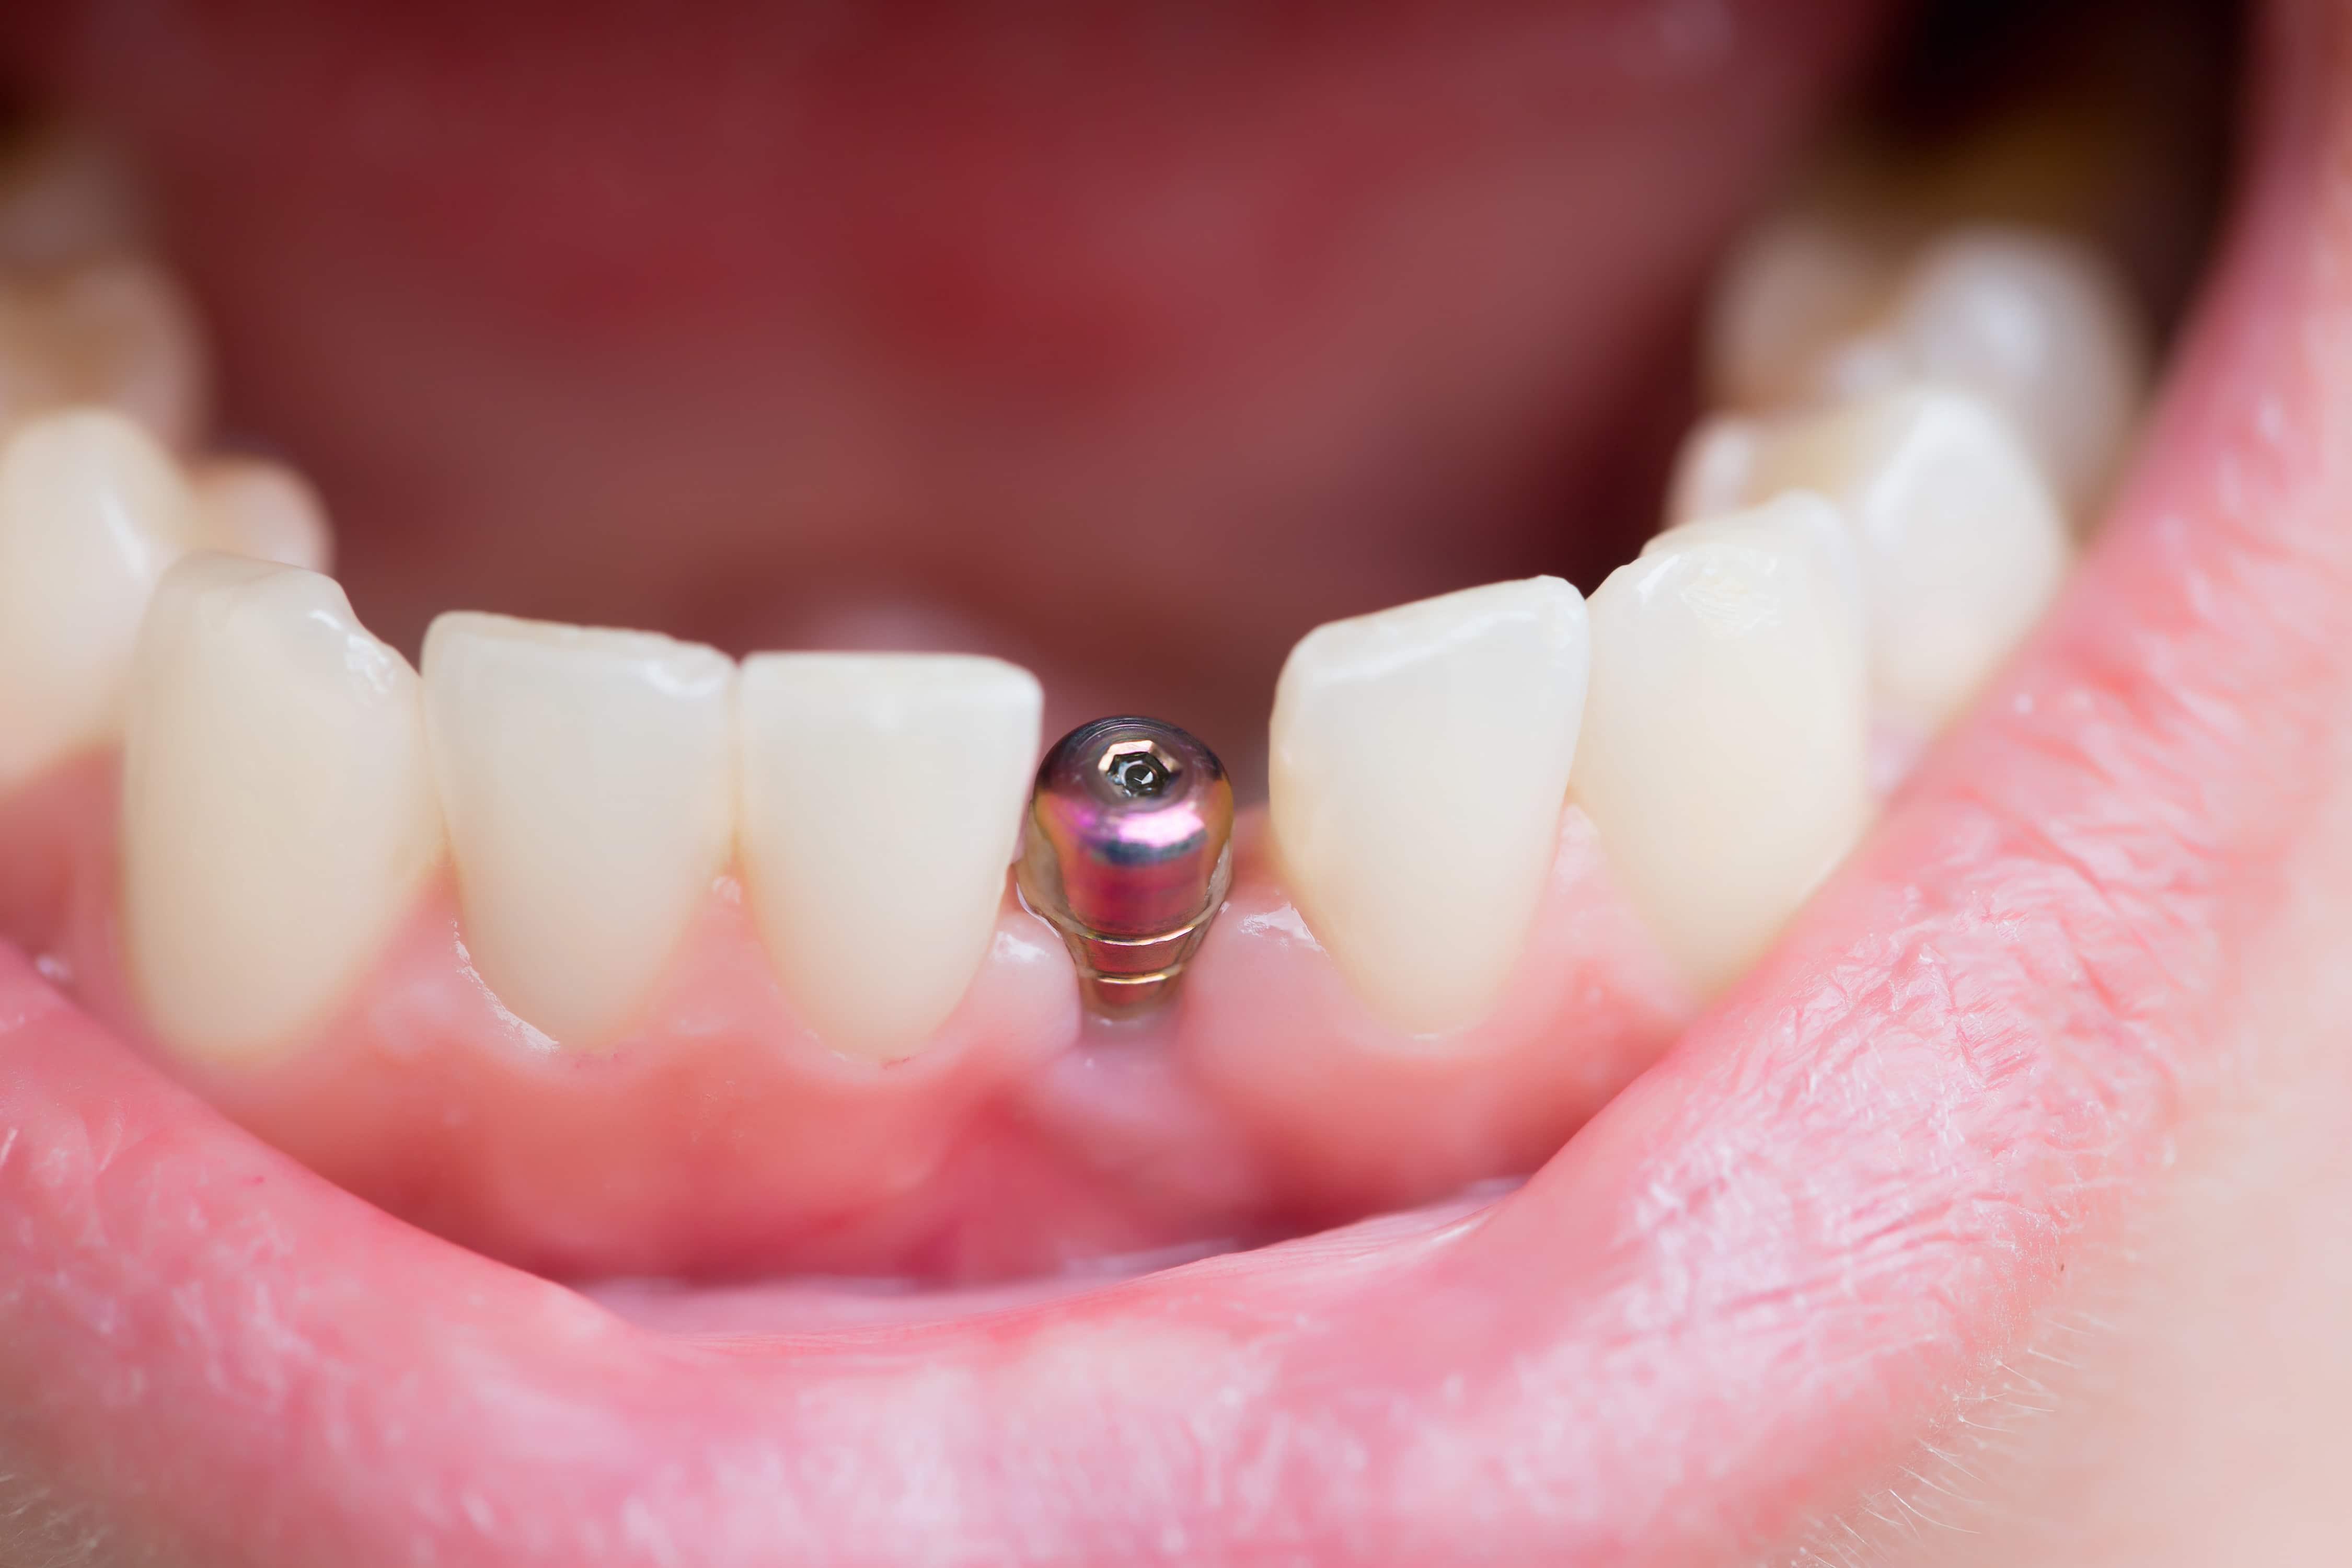 titanium dental implants